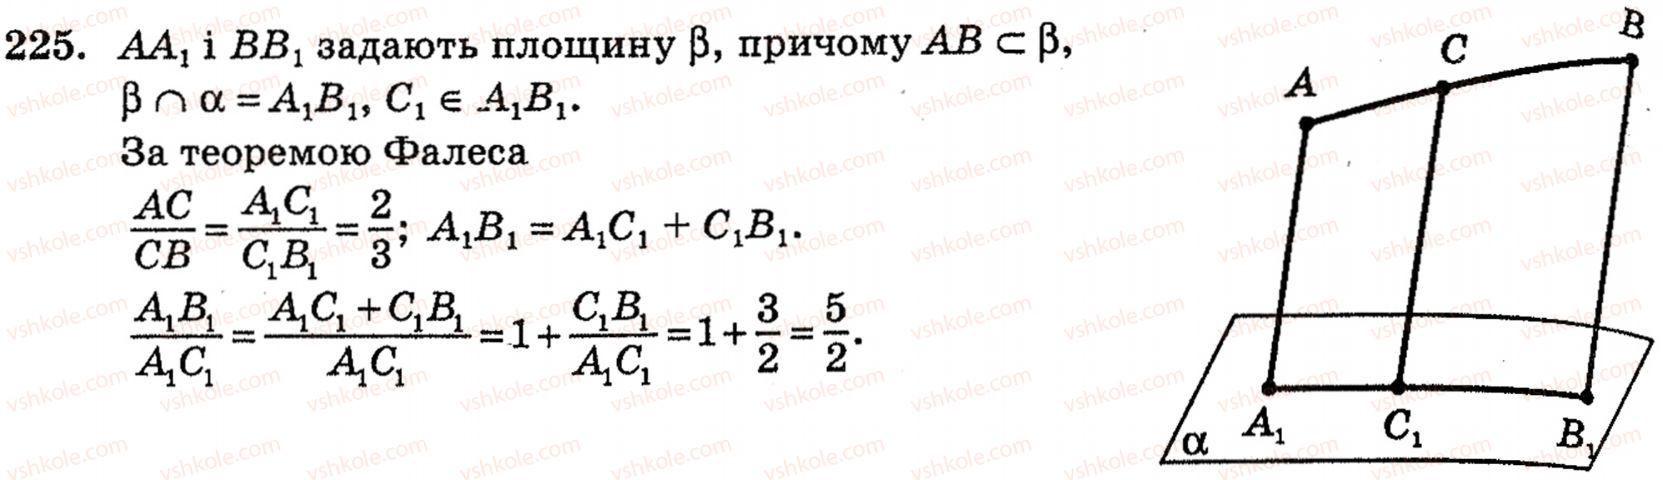 Решебник По Геометрії 10 Клас